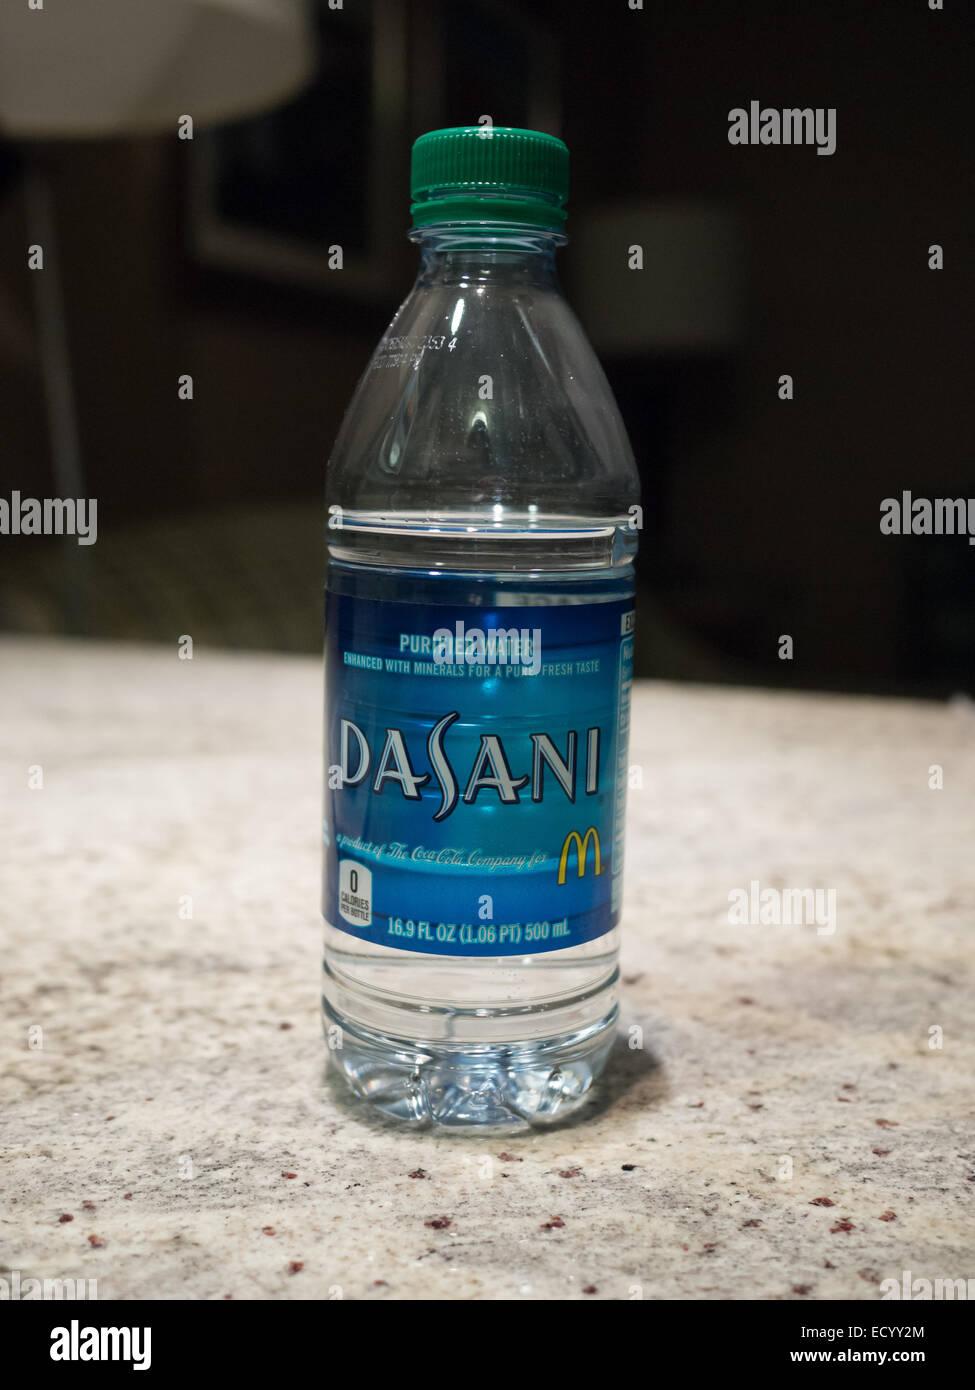 Dasani bottled water - Stock Image